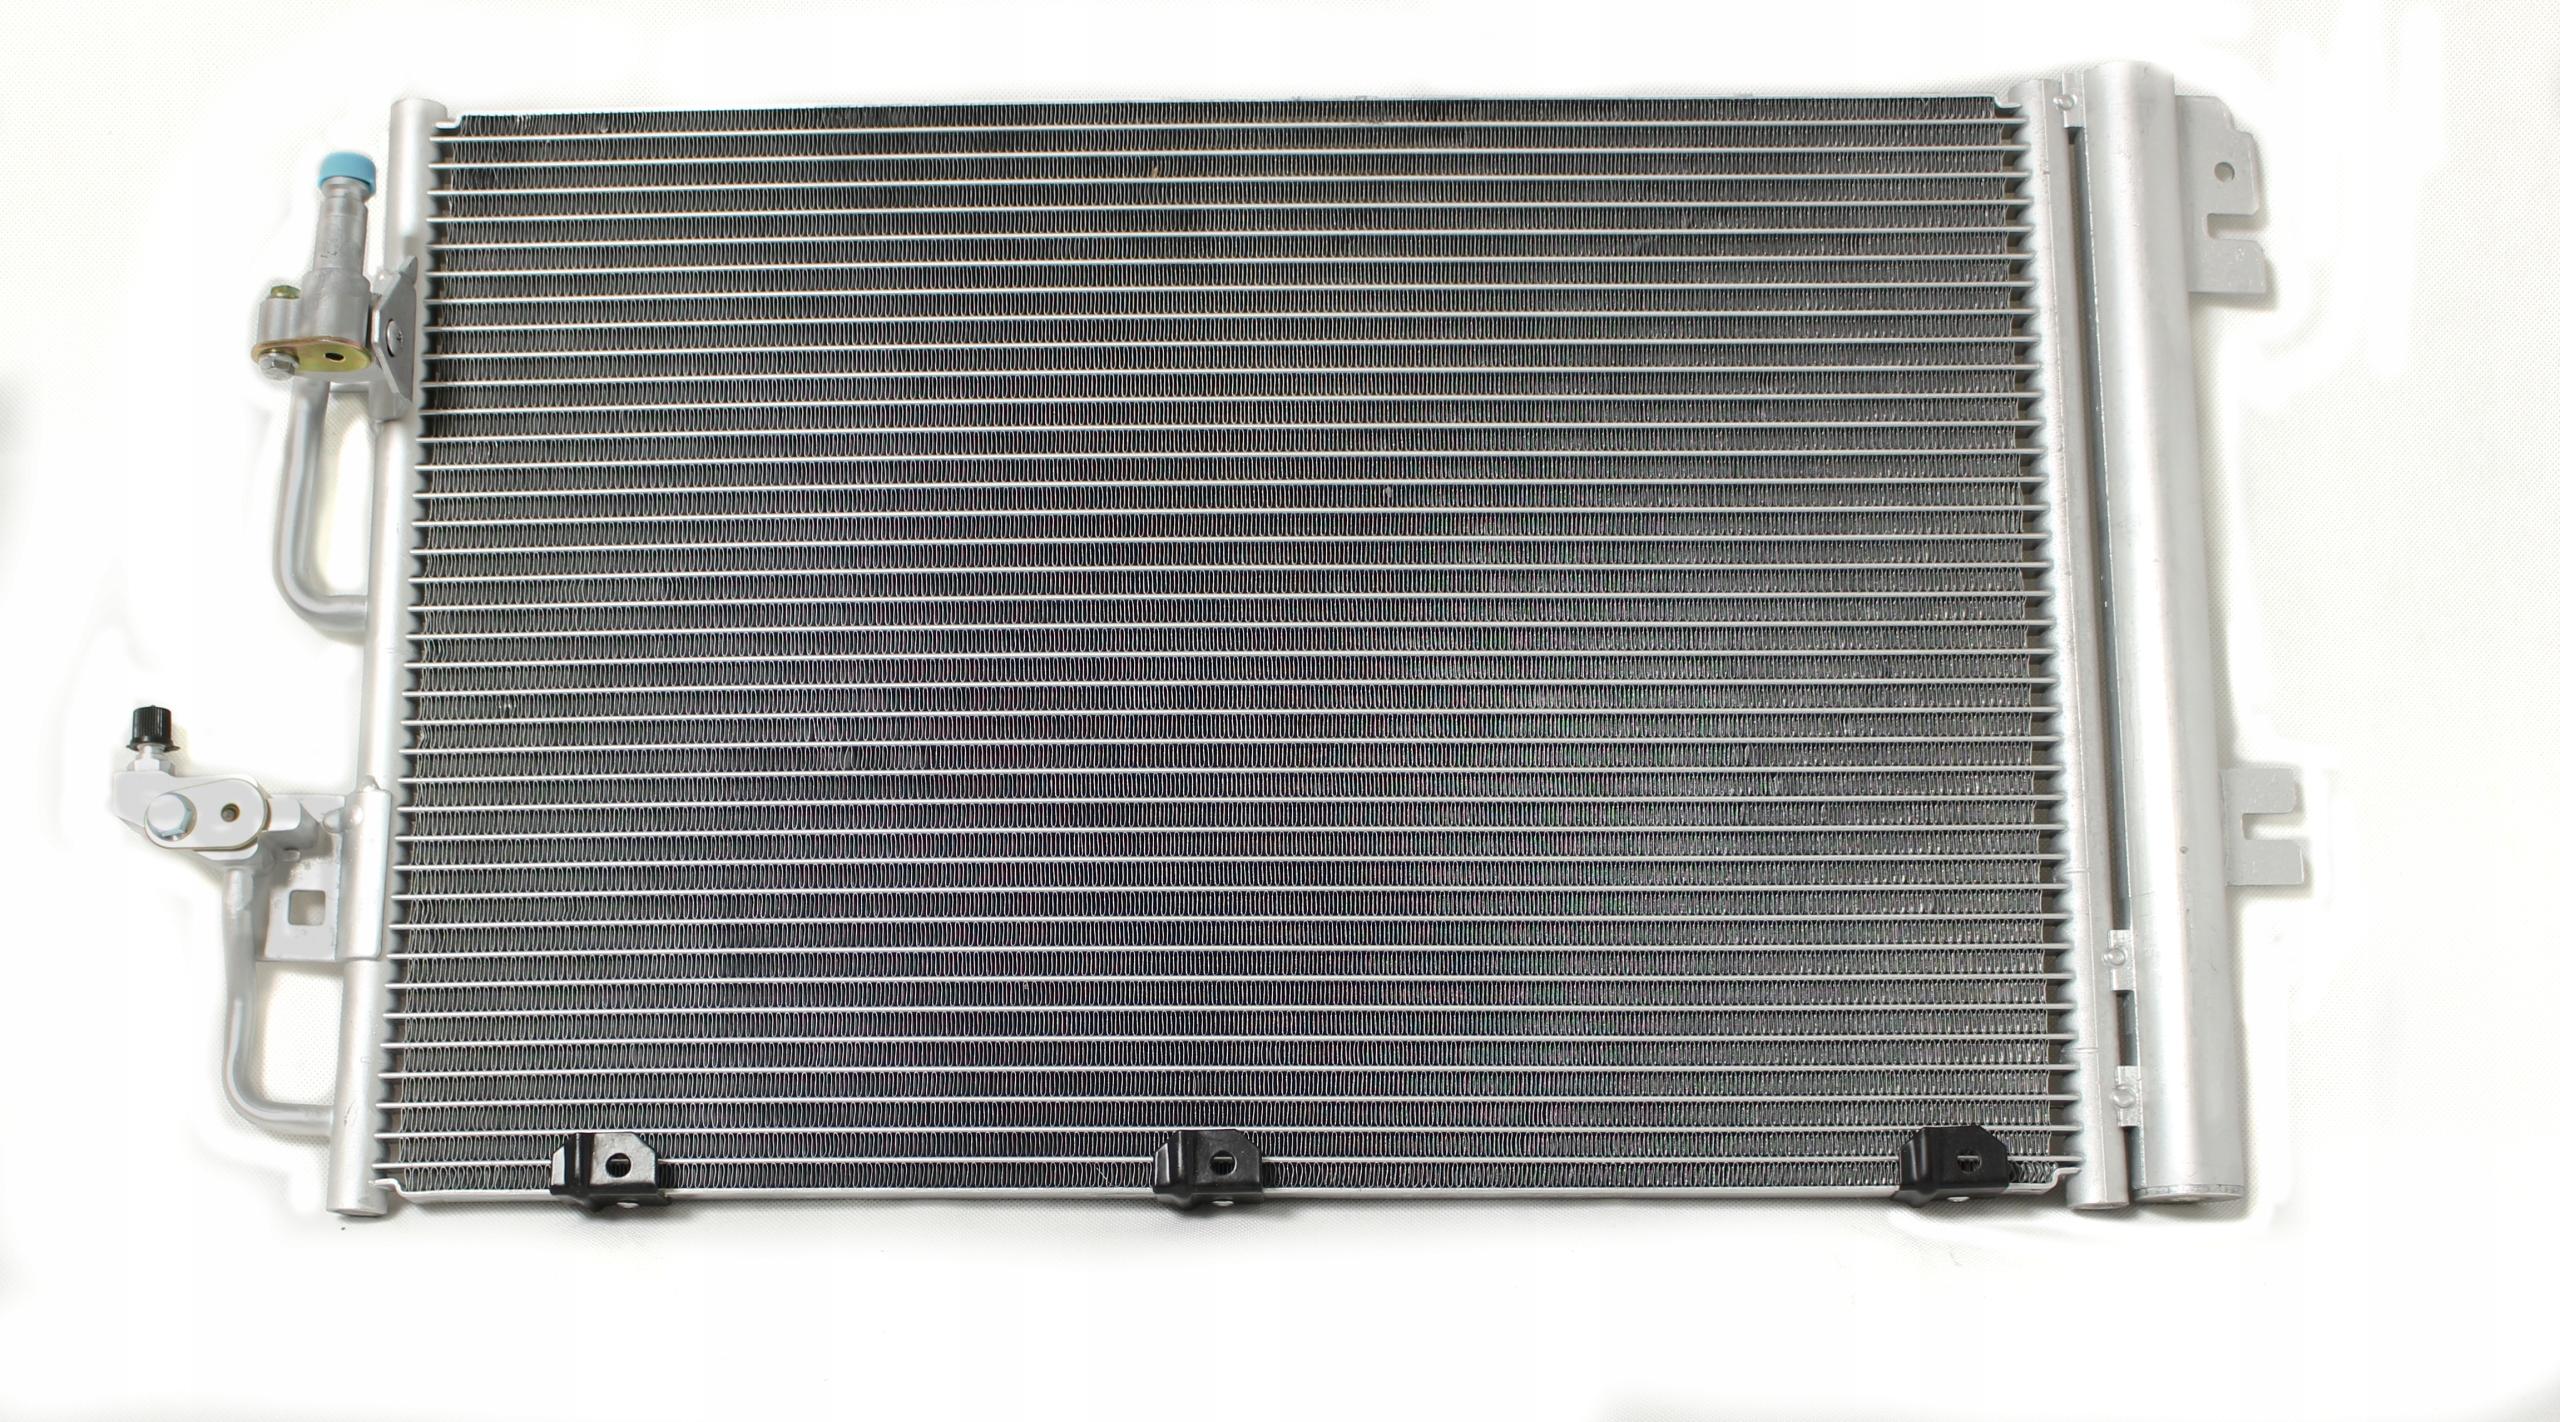 радиатор кондиционирования воздуха opel astra h 14 18 04-10